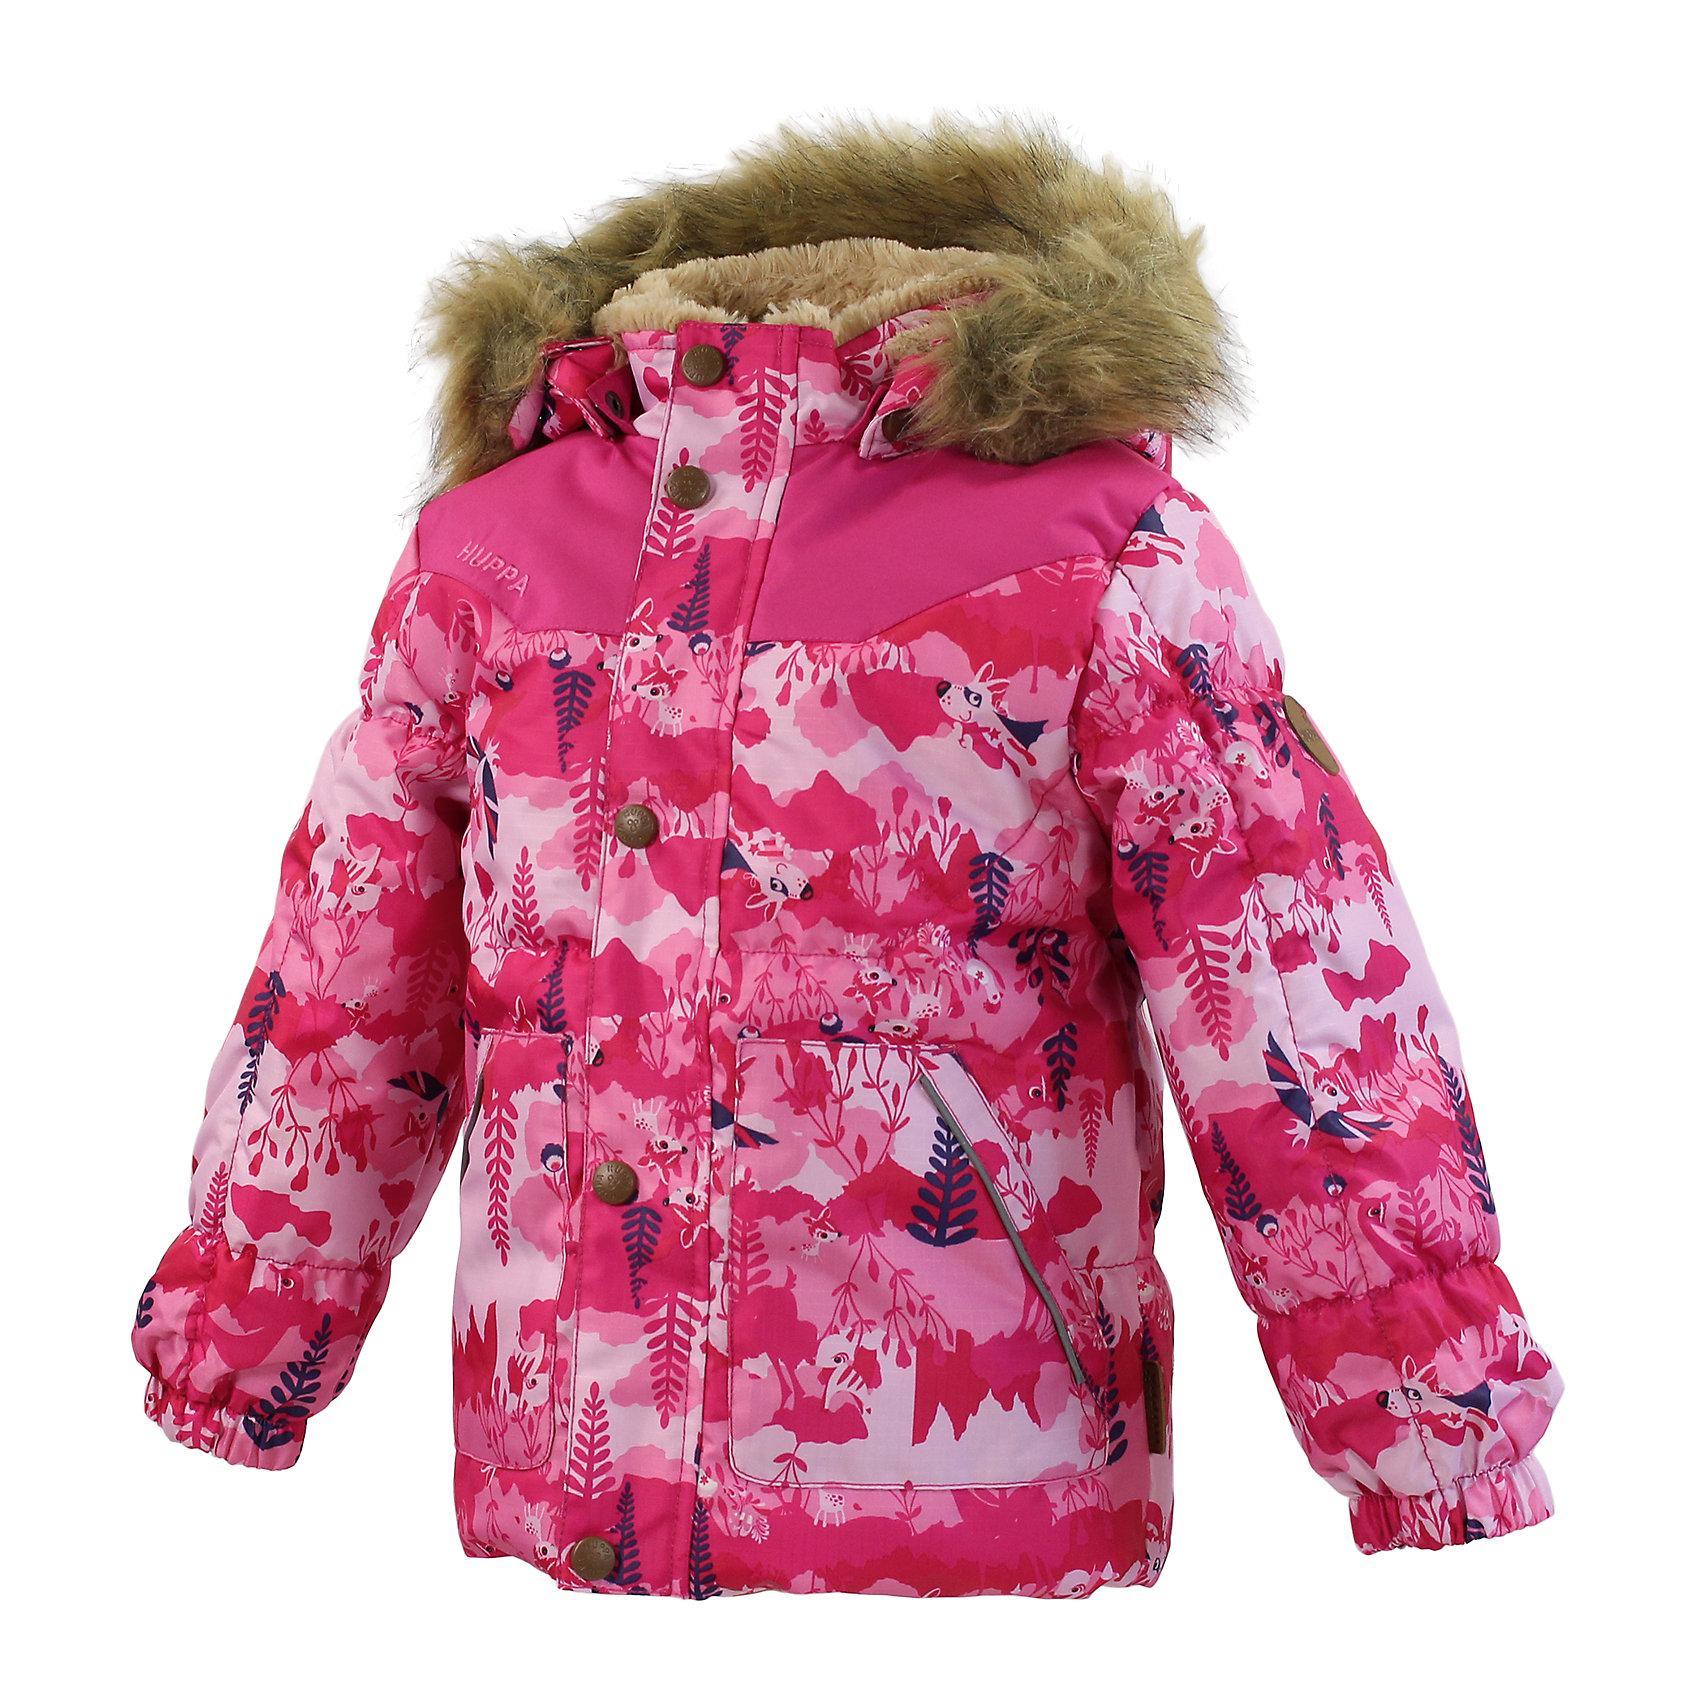 """Куртка для девочки HuppaКуртка из более прочной ткани с достаточно толстым ватином и красивой вышивкой для зимних прогулок малышей. Подкладкой для стеганой куртки с разрезами служит """"Coral-fleece"""" в районе тела и подкладка из тафты в рукавах для облегчения прохождения рук. Капюшон со съемным мехом защитит от холодного ветра, резинка на рукаве - от снега, а отражающие детали на капюшоне и карманах значительно повысят безопасность при передвижении в более темное время суток. В карманы маленькие исследователи могут прятать самые важные находки.<br>Huppa (Хуппа)Therm 200 грамм<br>Высокотехнологичный лёгкий синтетический утеплитель нового поколения, сохраняет объём и высокую теплоизоляцию изделия, а также легко стирается и быстро сохнет.<br>Влагоустойчивая и дышащая ткань 10 000/ 10 000<br>Мембрана препятствует прохождению воды и ветра сквозь ткань внутрь изделия, позволяя испаряться выделяемой телом, образовывающейся внутри влаге.<br>Прочная ткань<br>Сплетения волокон в тканях выполнены по специальной технологии, которая придаёт ткани прочность и предохранят от истирания.<br>Светоотражательные детали<br>При плохих погодных условиях или в темноте, когда свет падает на одежду, он отражается, делая ребёнка более заметным, уменьшая возможность несчастных случаев.<br><br>Дополнительная информация:<br><br>Температурный режим: от 0° до -15°С<br>Ткань: 100% полиэстер<br>Подкладка: Teddy fur- 100% полиэстер, тафта - 100% полиэстер<br>Утеплитель: 100% полиэстер 200г.<br>Капюшон с отстёгивающимся мехом<br><br>Куртку для девочки Huppa (Хуппа) можно купить в нашем магазине.<br><br>Ширина мм: 356<br>Глубина мм: 10<br>Высота мм: 245<br>Вес г: 519<br>Цвет: розовый<br>Возраст от месяцев: 12<br>Возраст до месяцев: 15<br>Пол: Женский<br>Возраст: Детский<br>Размер: 80,98,92,86,104<br>SKU: 4242226"""